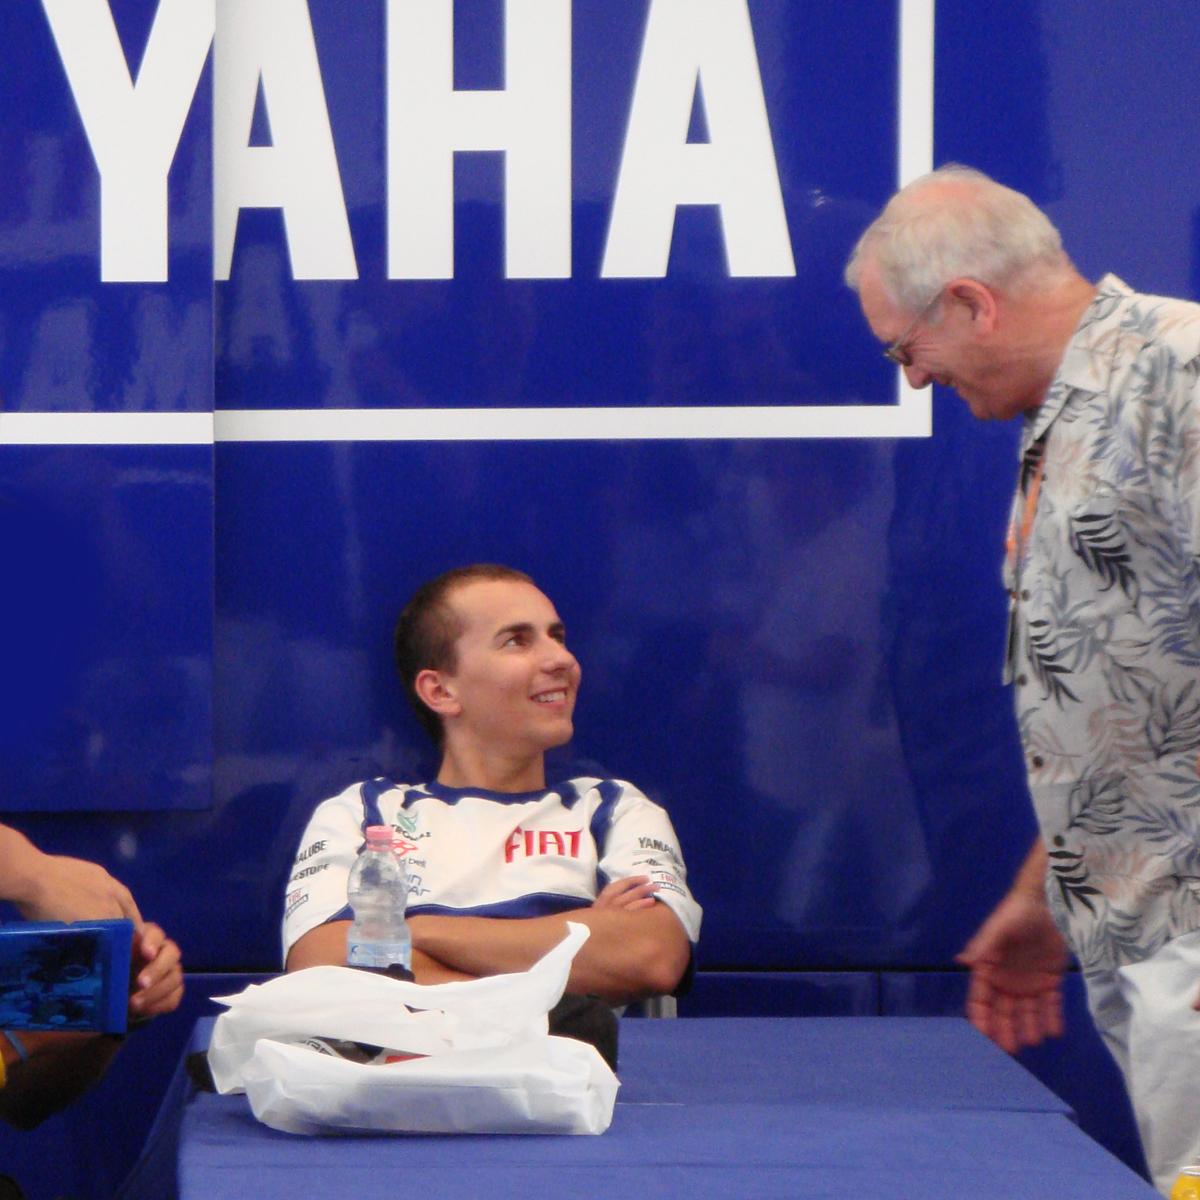 FIAT YAMAHAホスピ内でリラックスしてるホルへ君 あまりに寛いでるのでサインを求めるのも遠慮しました